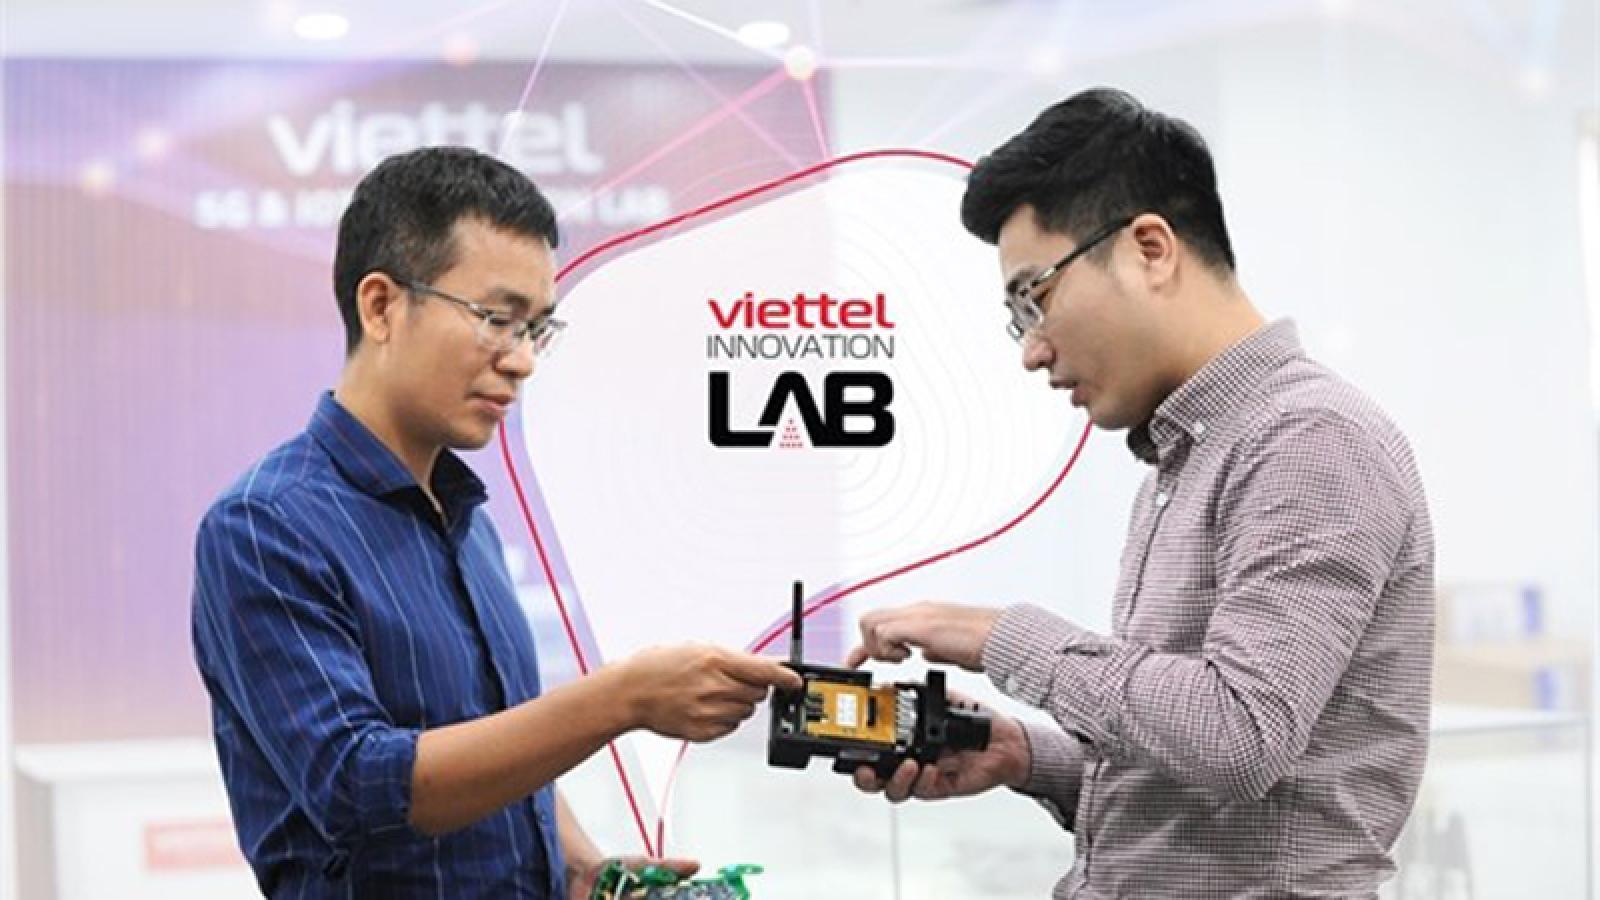 Viettel achieves record 5G speed